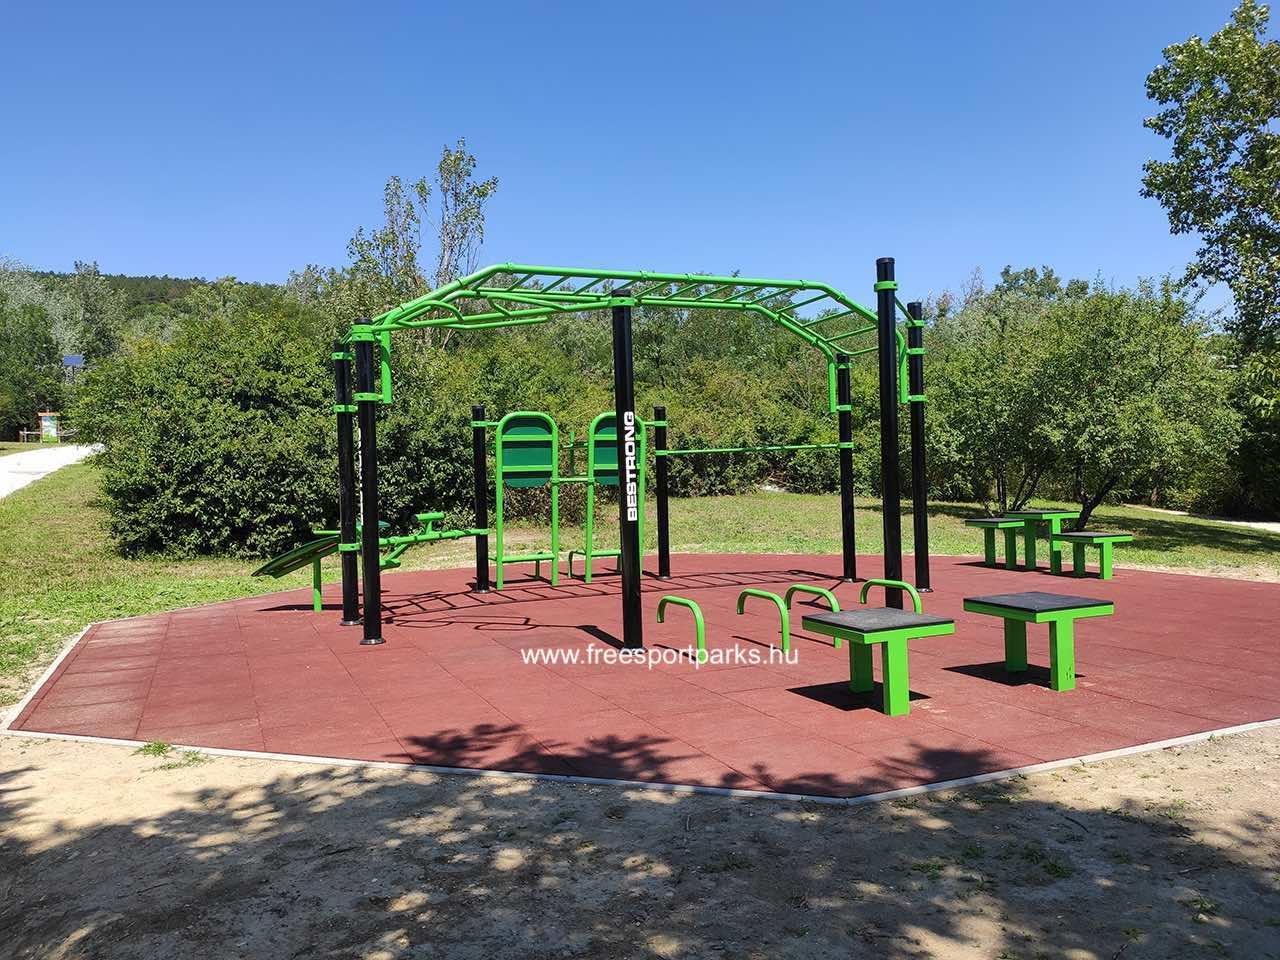 Mészkő park - Óbudai kondipark (Street Workout Park) - Free Sport Parks térkép